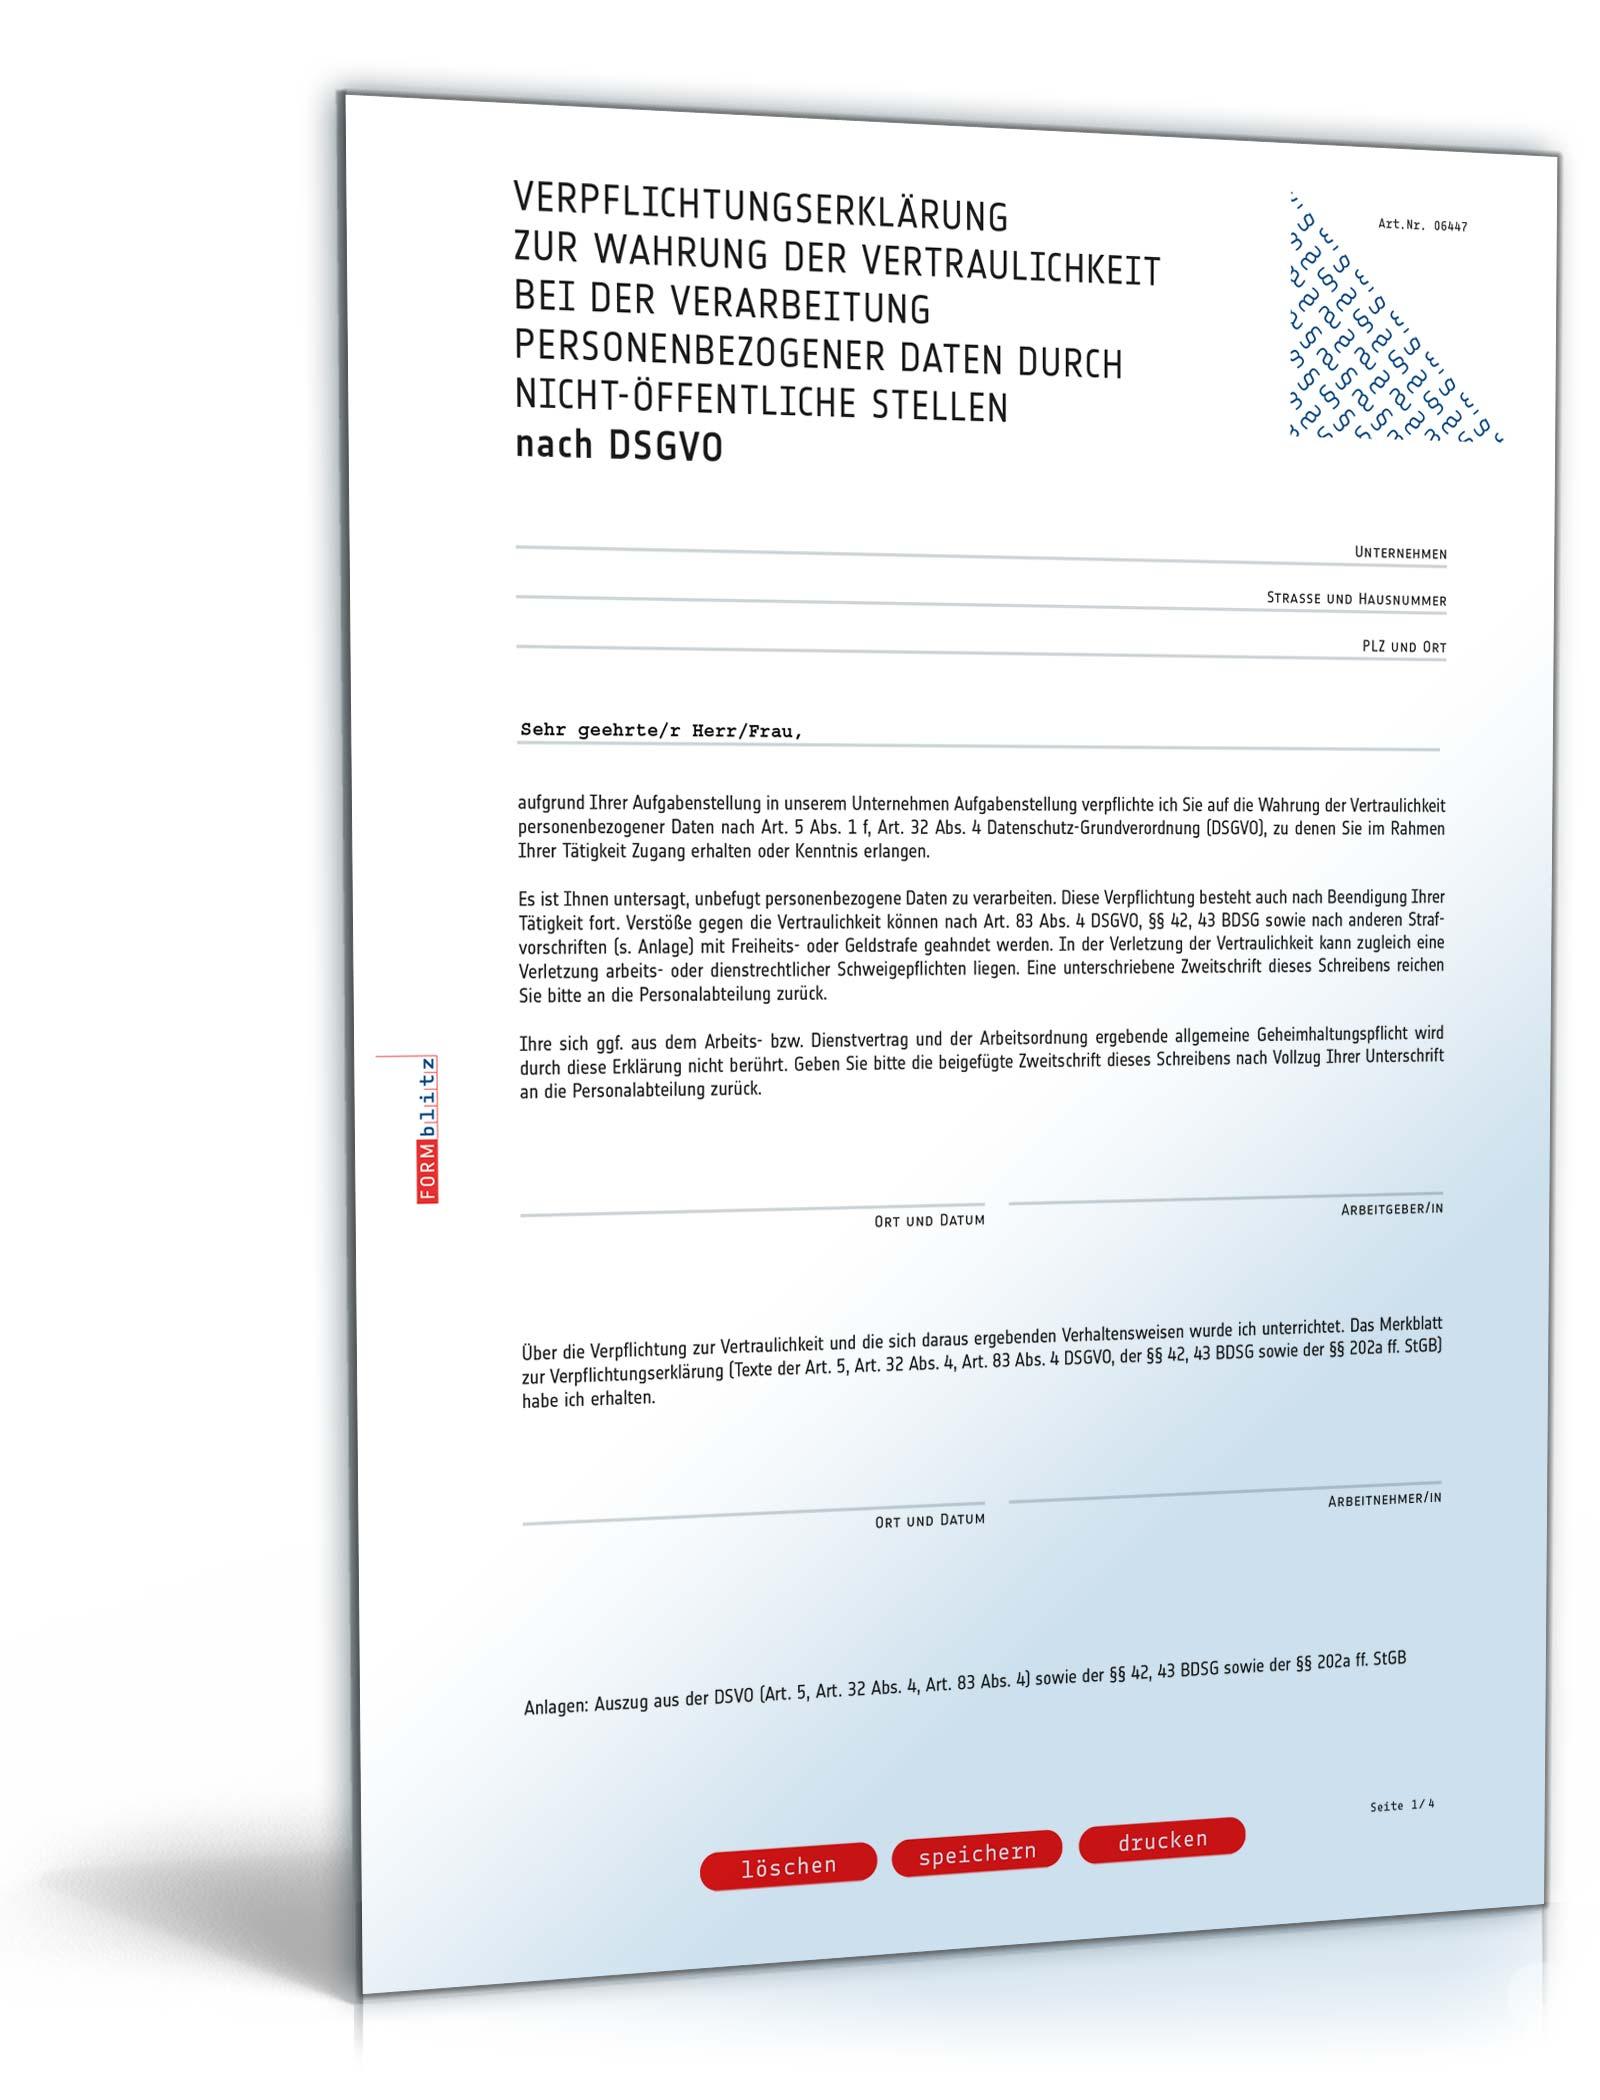 Verpflichtungserklärung Gemäß Dsgvo Muster Zum Download